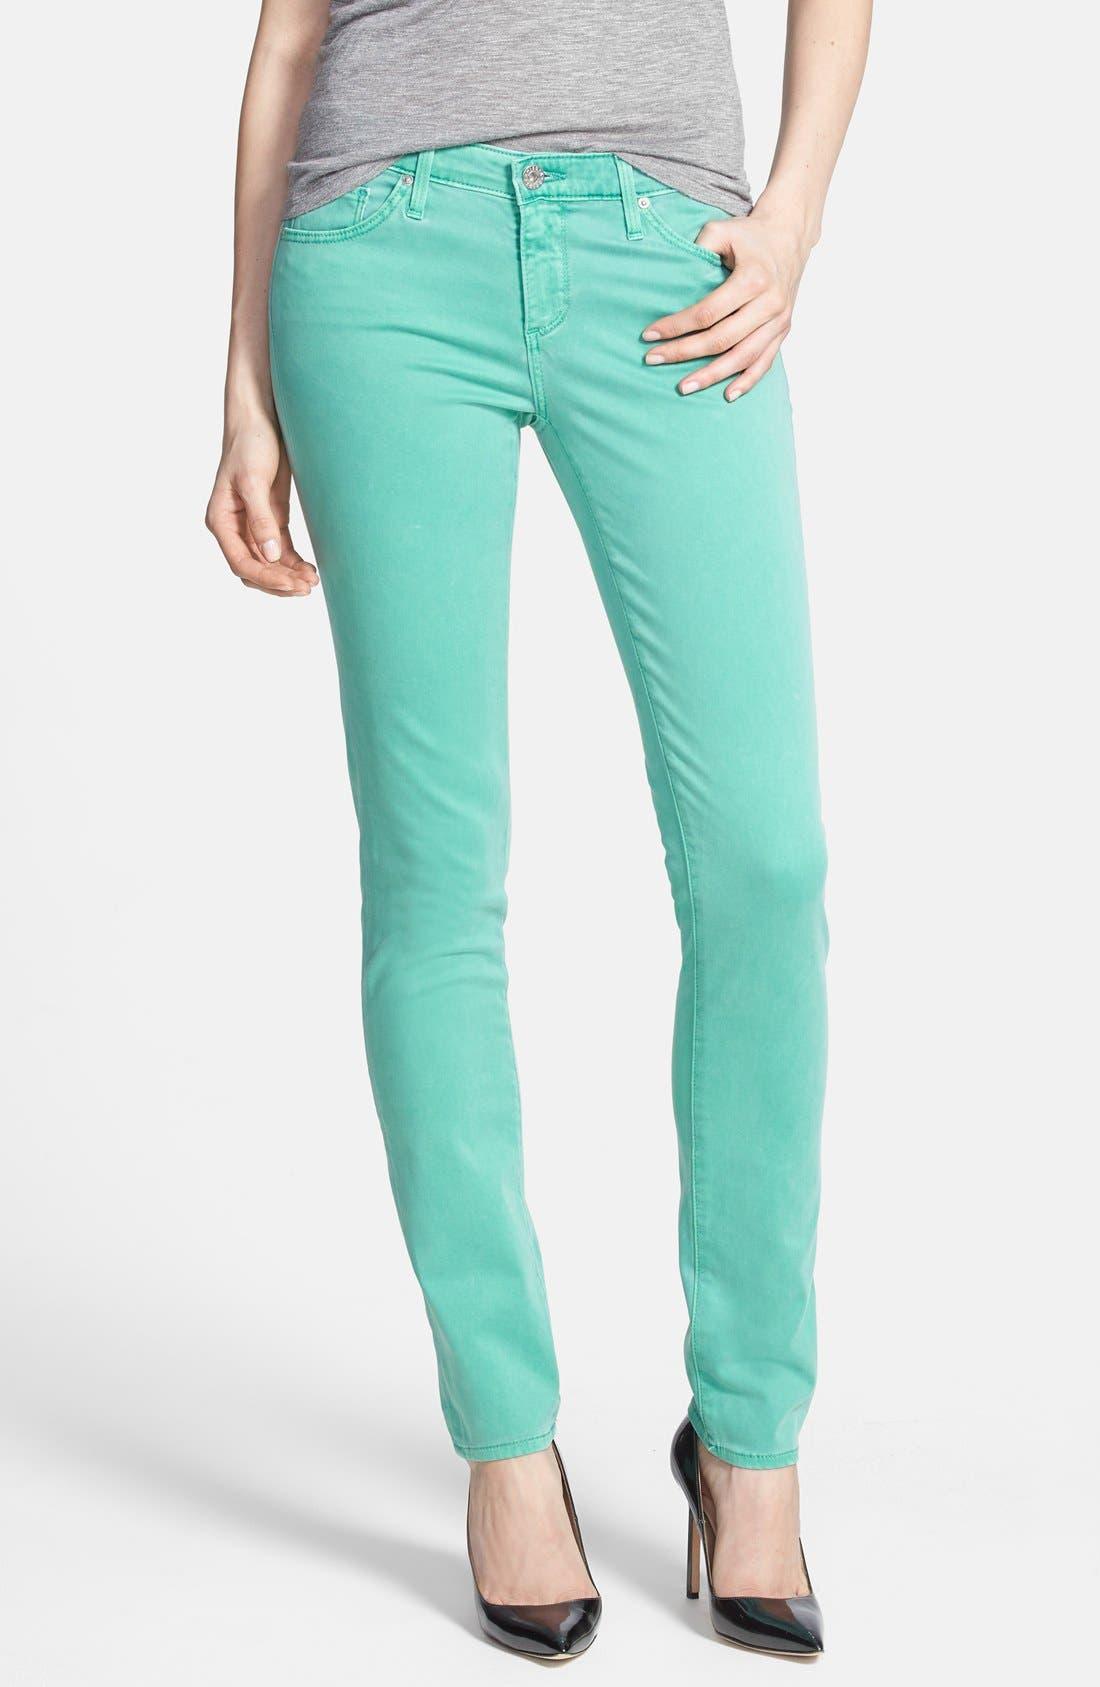 Alternate Image 1 Selected - AG 'Stilt' Skinny Ankle Jeans (Pigment Putt Putt Green)